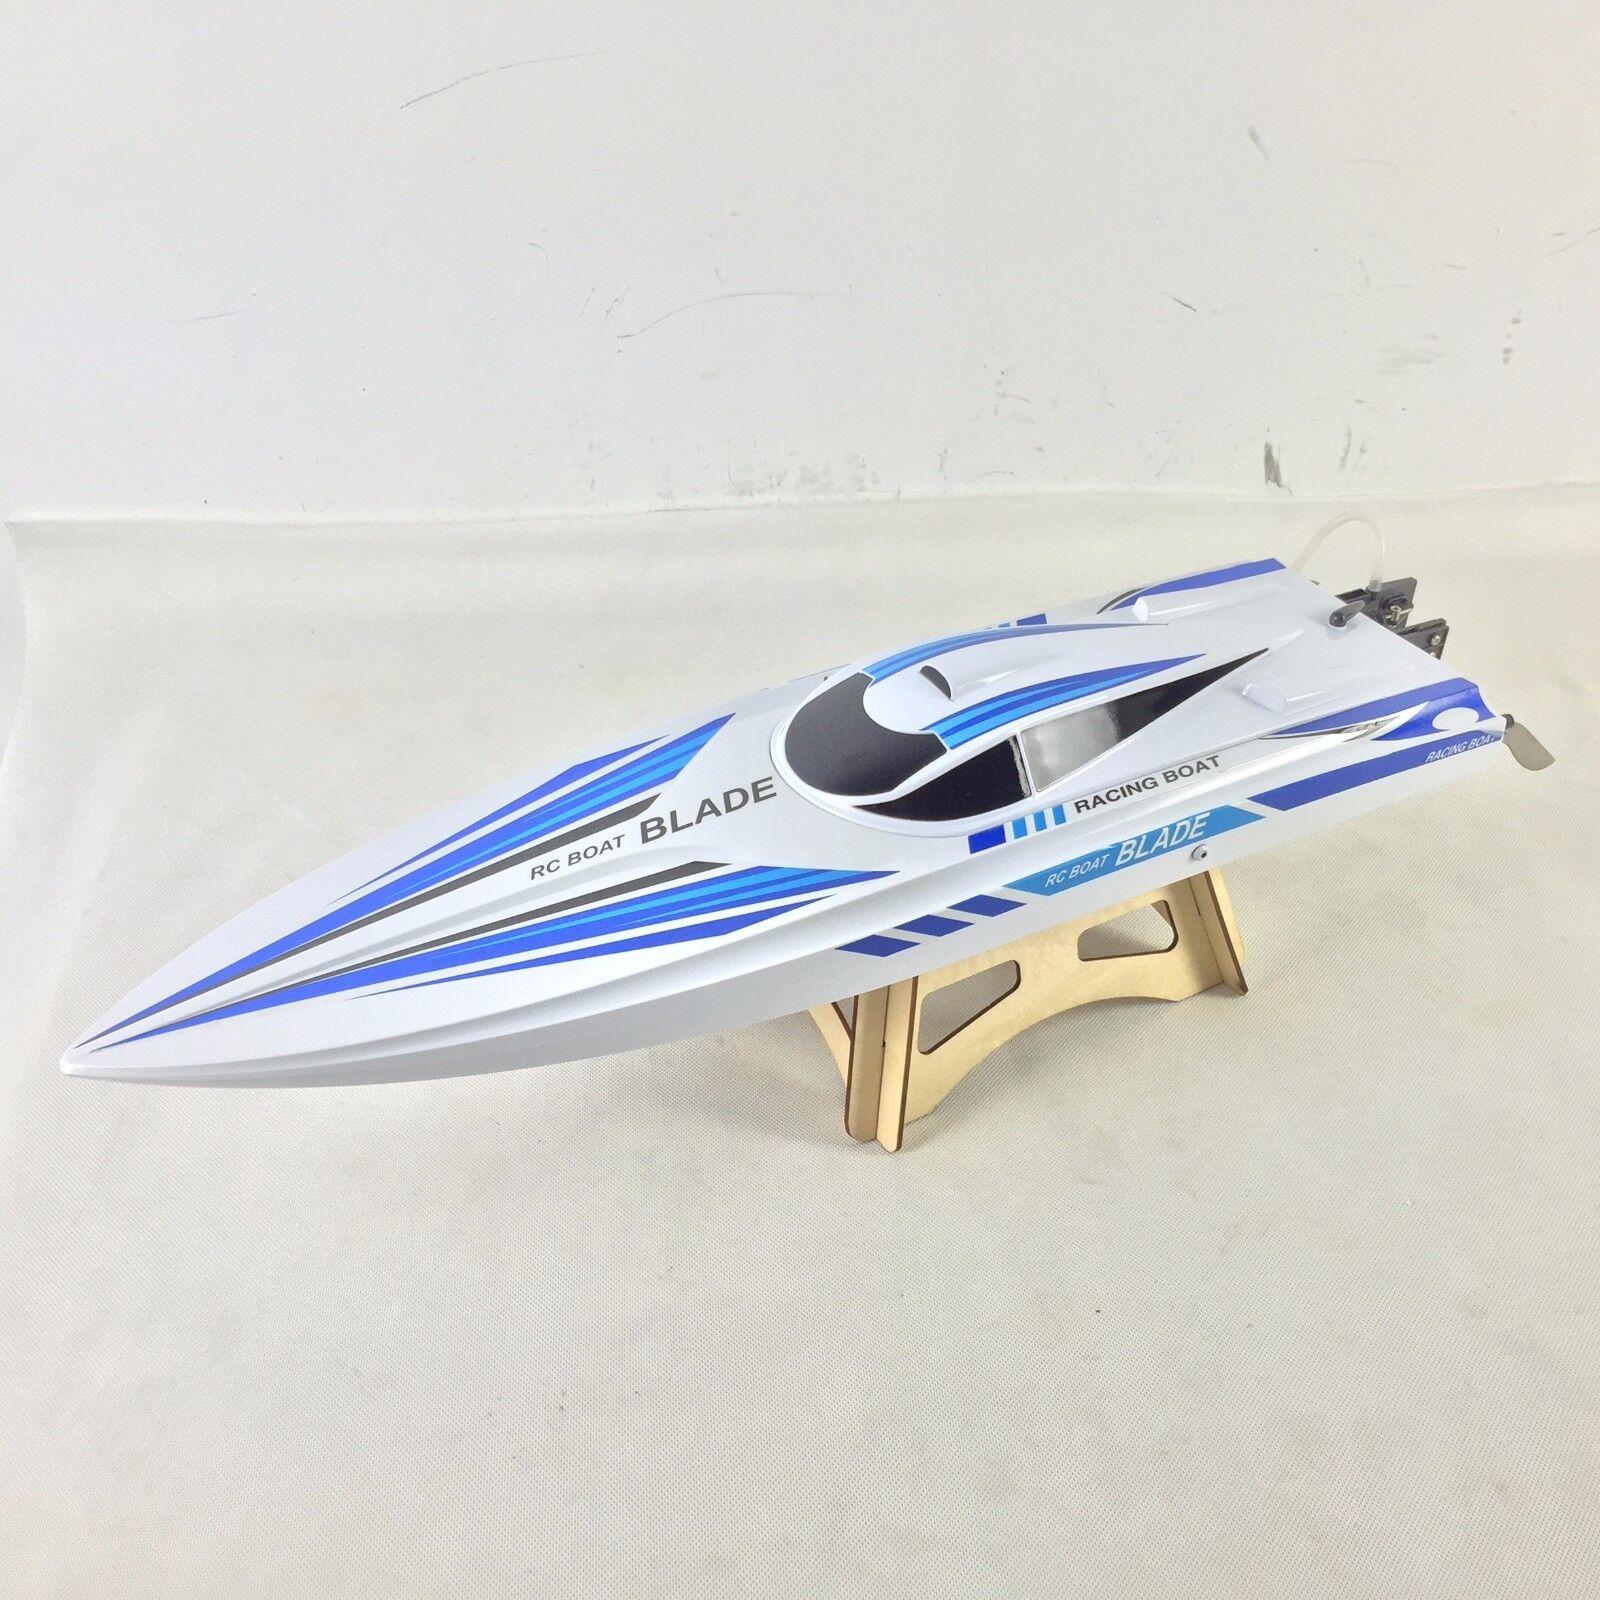 Volantex ABS Casco Blade RC Racing RTR barco modelo con motor servos ESC Batería